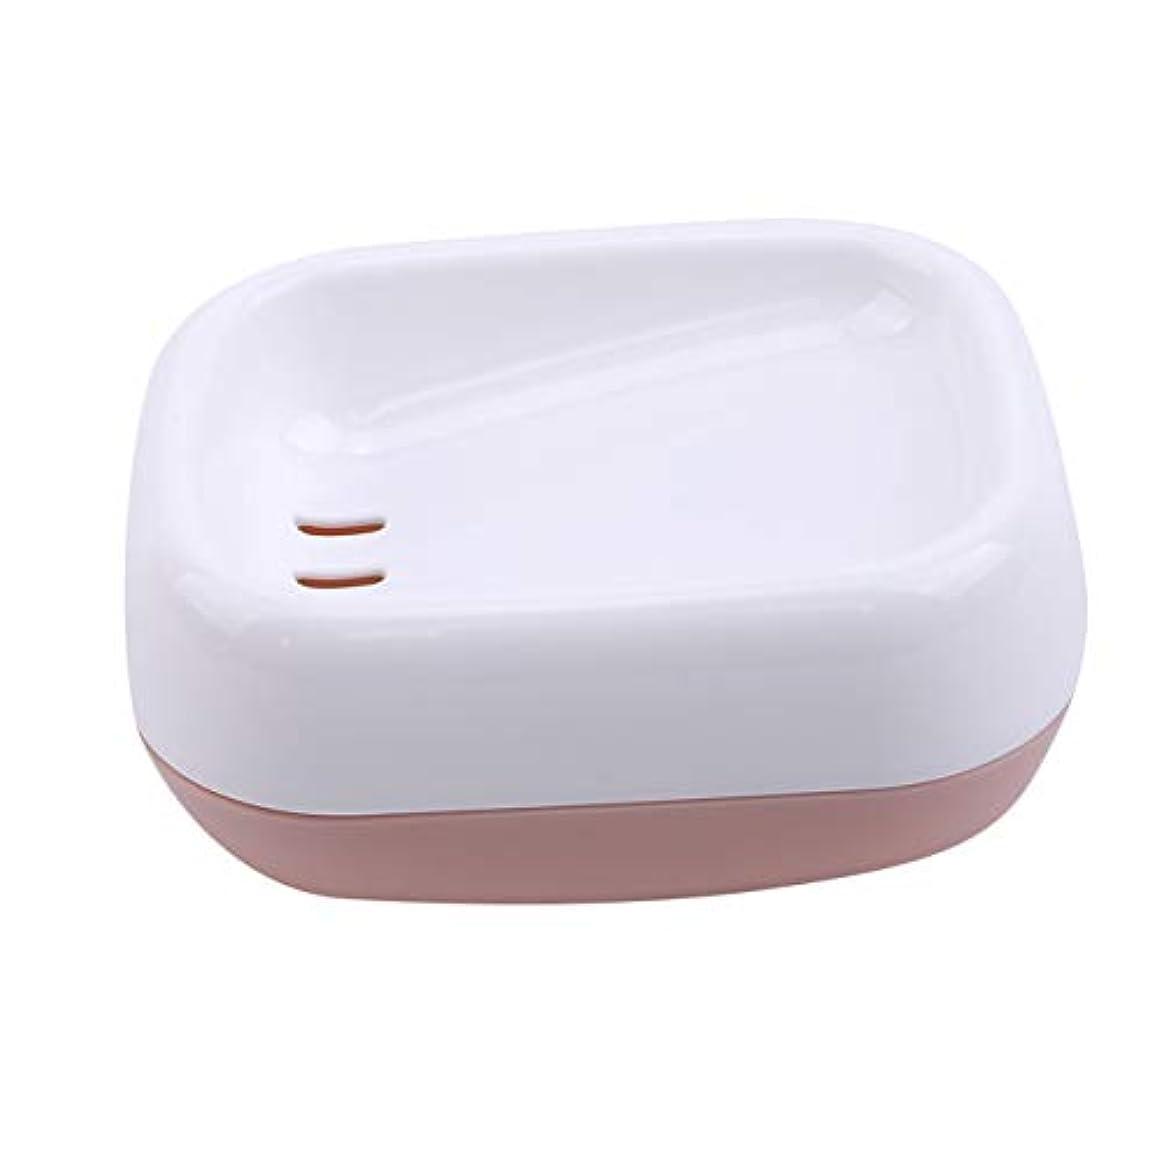 パパステレオタイプ過言ZALINGソープディッシュボックス浴室プラスチック二重層衛生的なシンプル排水コンテナソープディッシュピンク